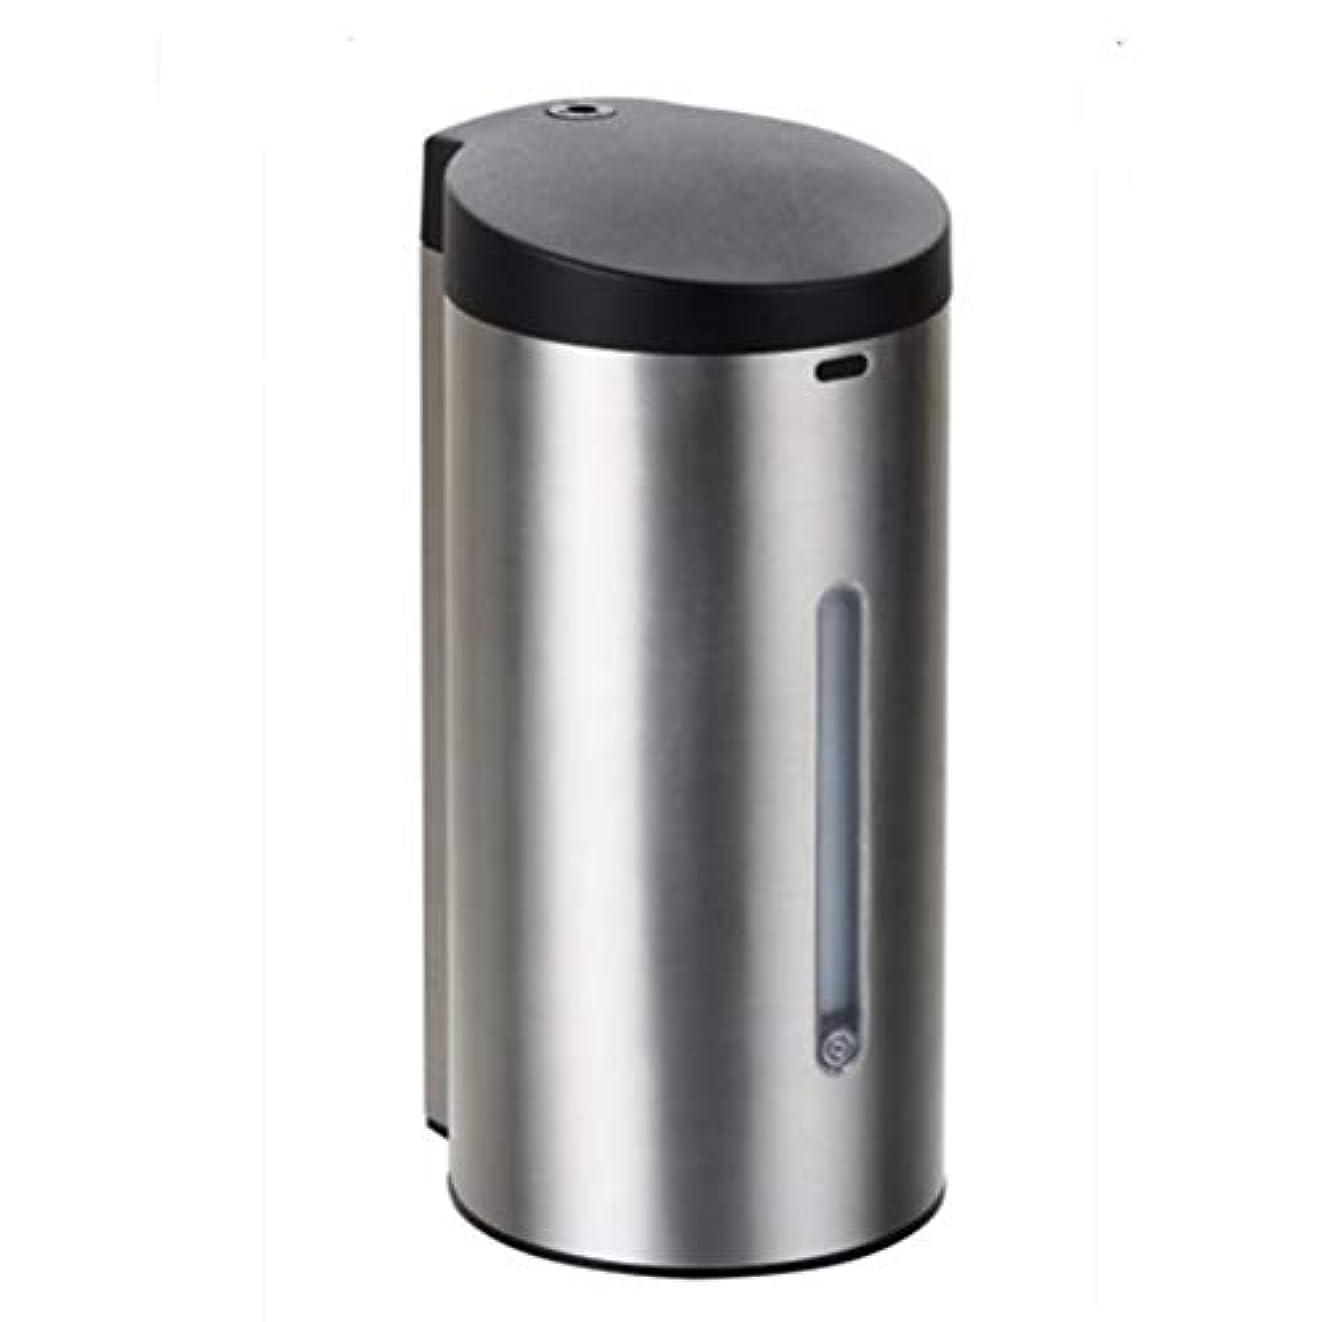 ひらめききらきら回路電池式 オートソープディスペンサー 赤外線センサーポンプソープディスペンサーステンレス 漏れ防止7段調整可 自動 ハンドソープ ータッチ 650ML 9Vバッテリー(6ノット* 1.5V)